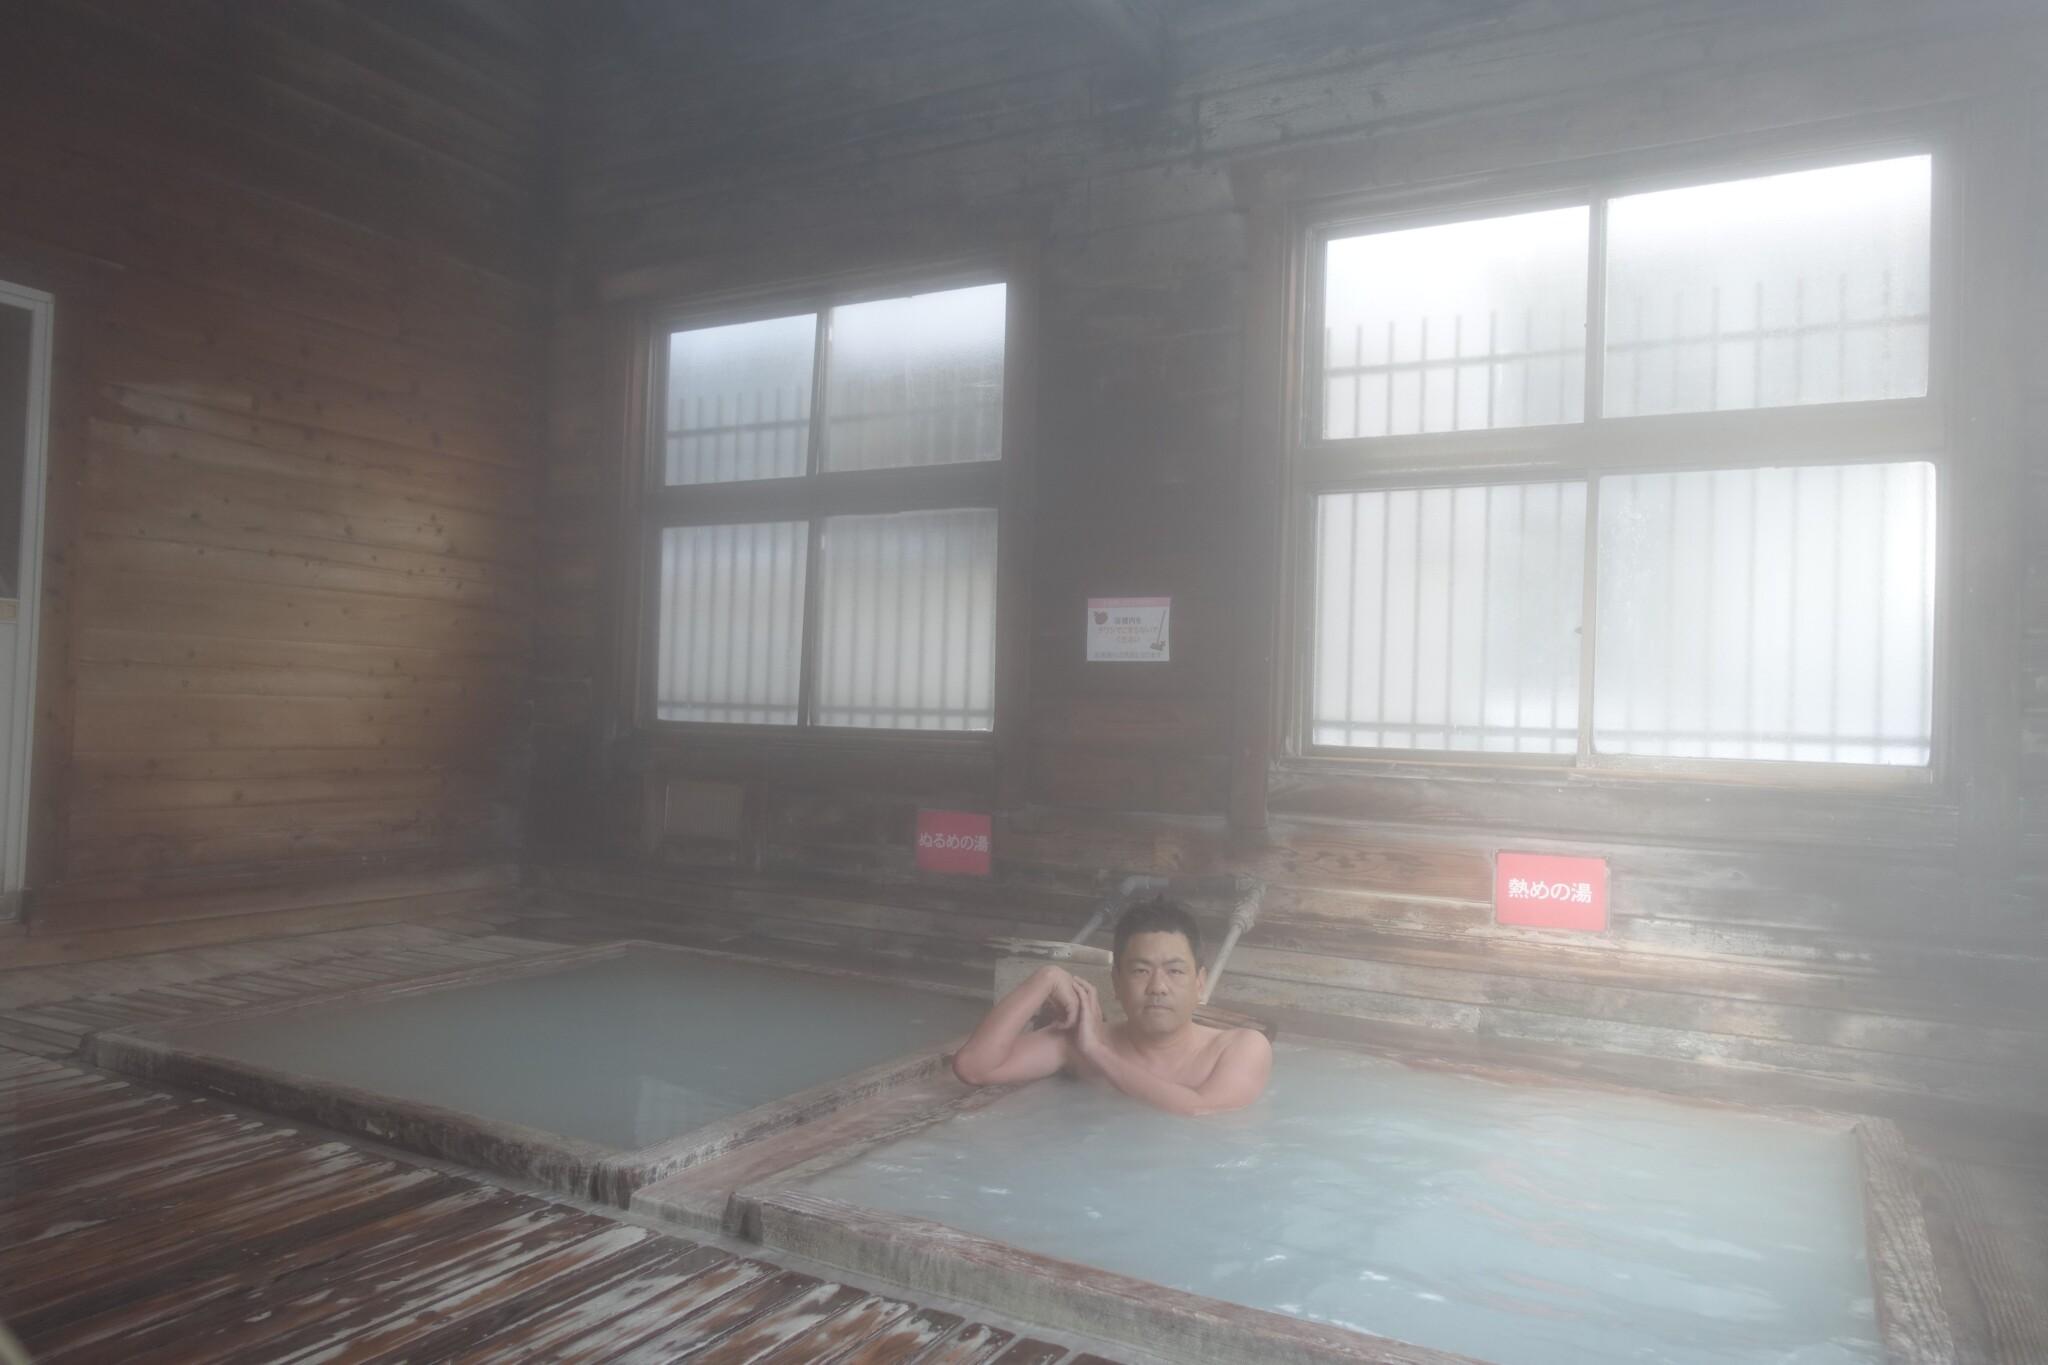 ふたたび温泉療養に戻る【那須湯本療養2】